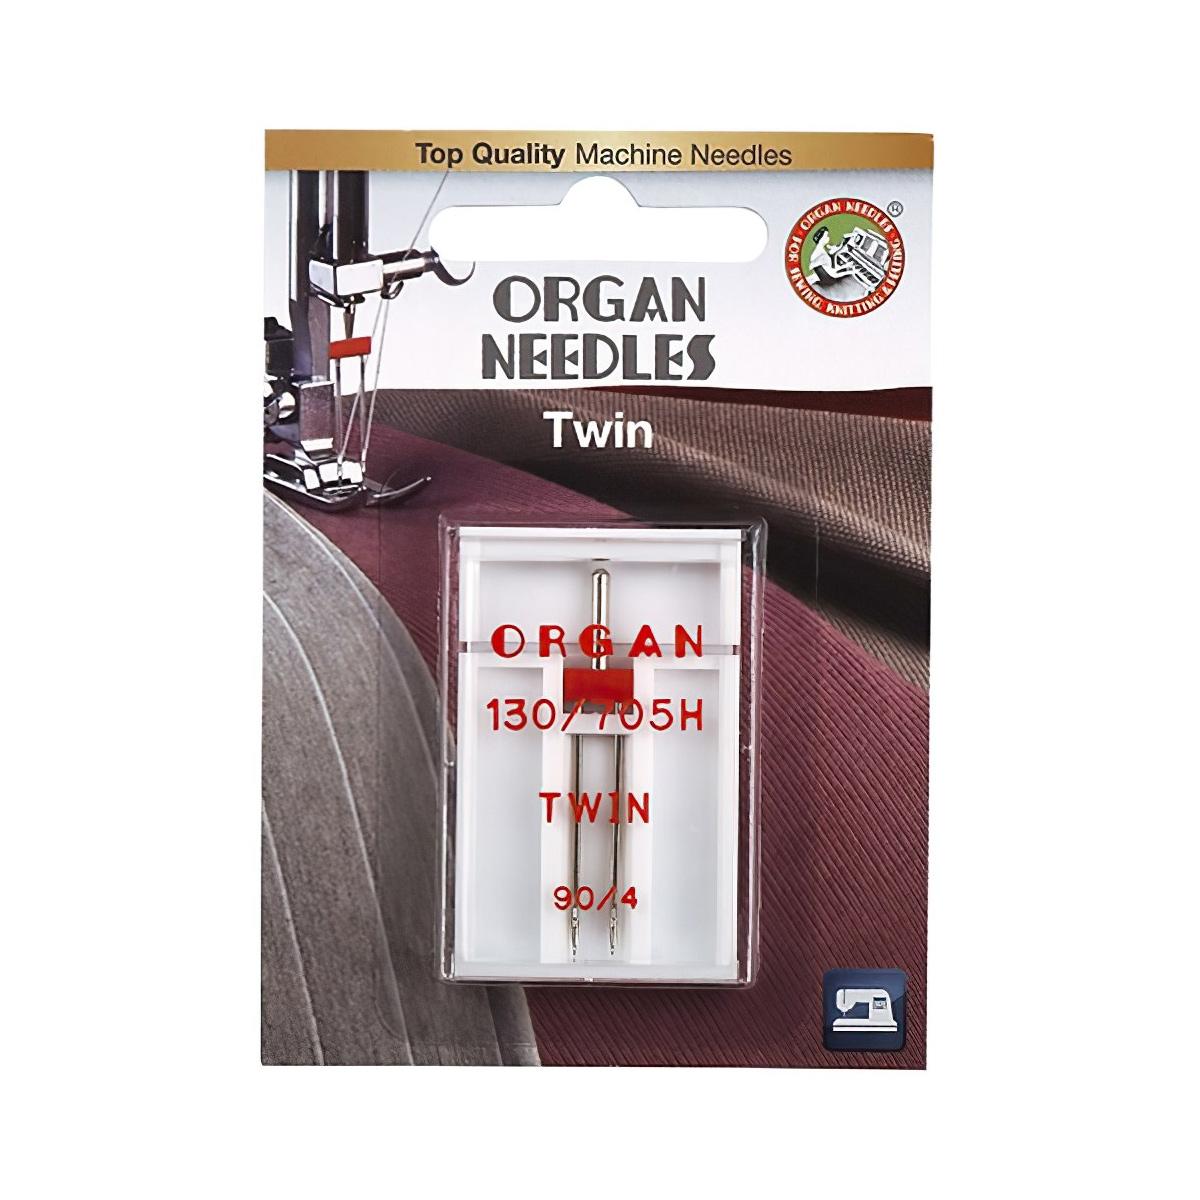 ORGAN иглы двойные 1-90/4 Blister